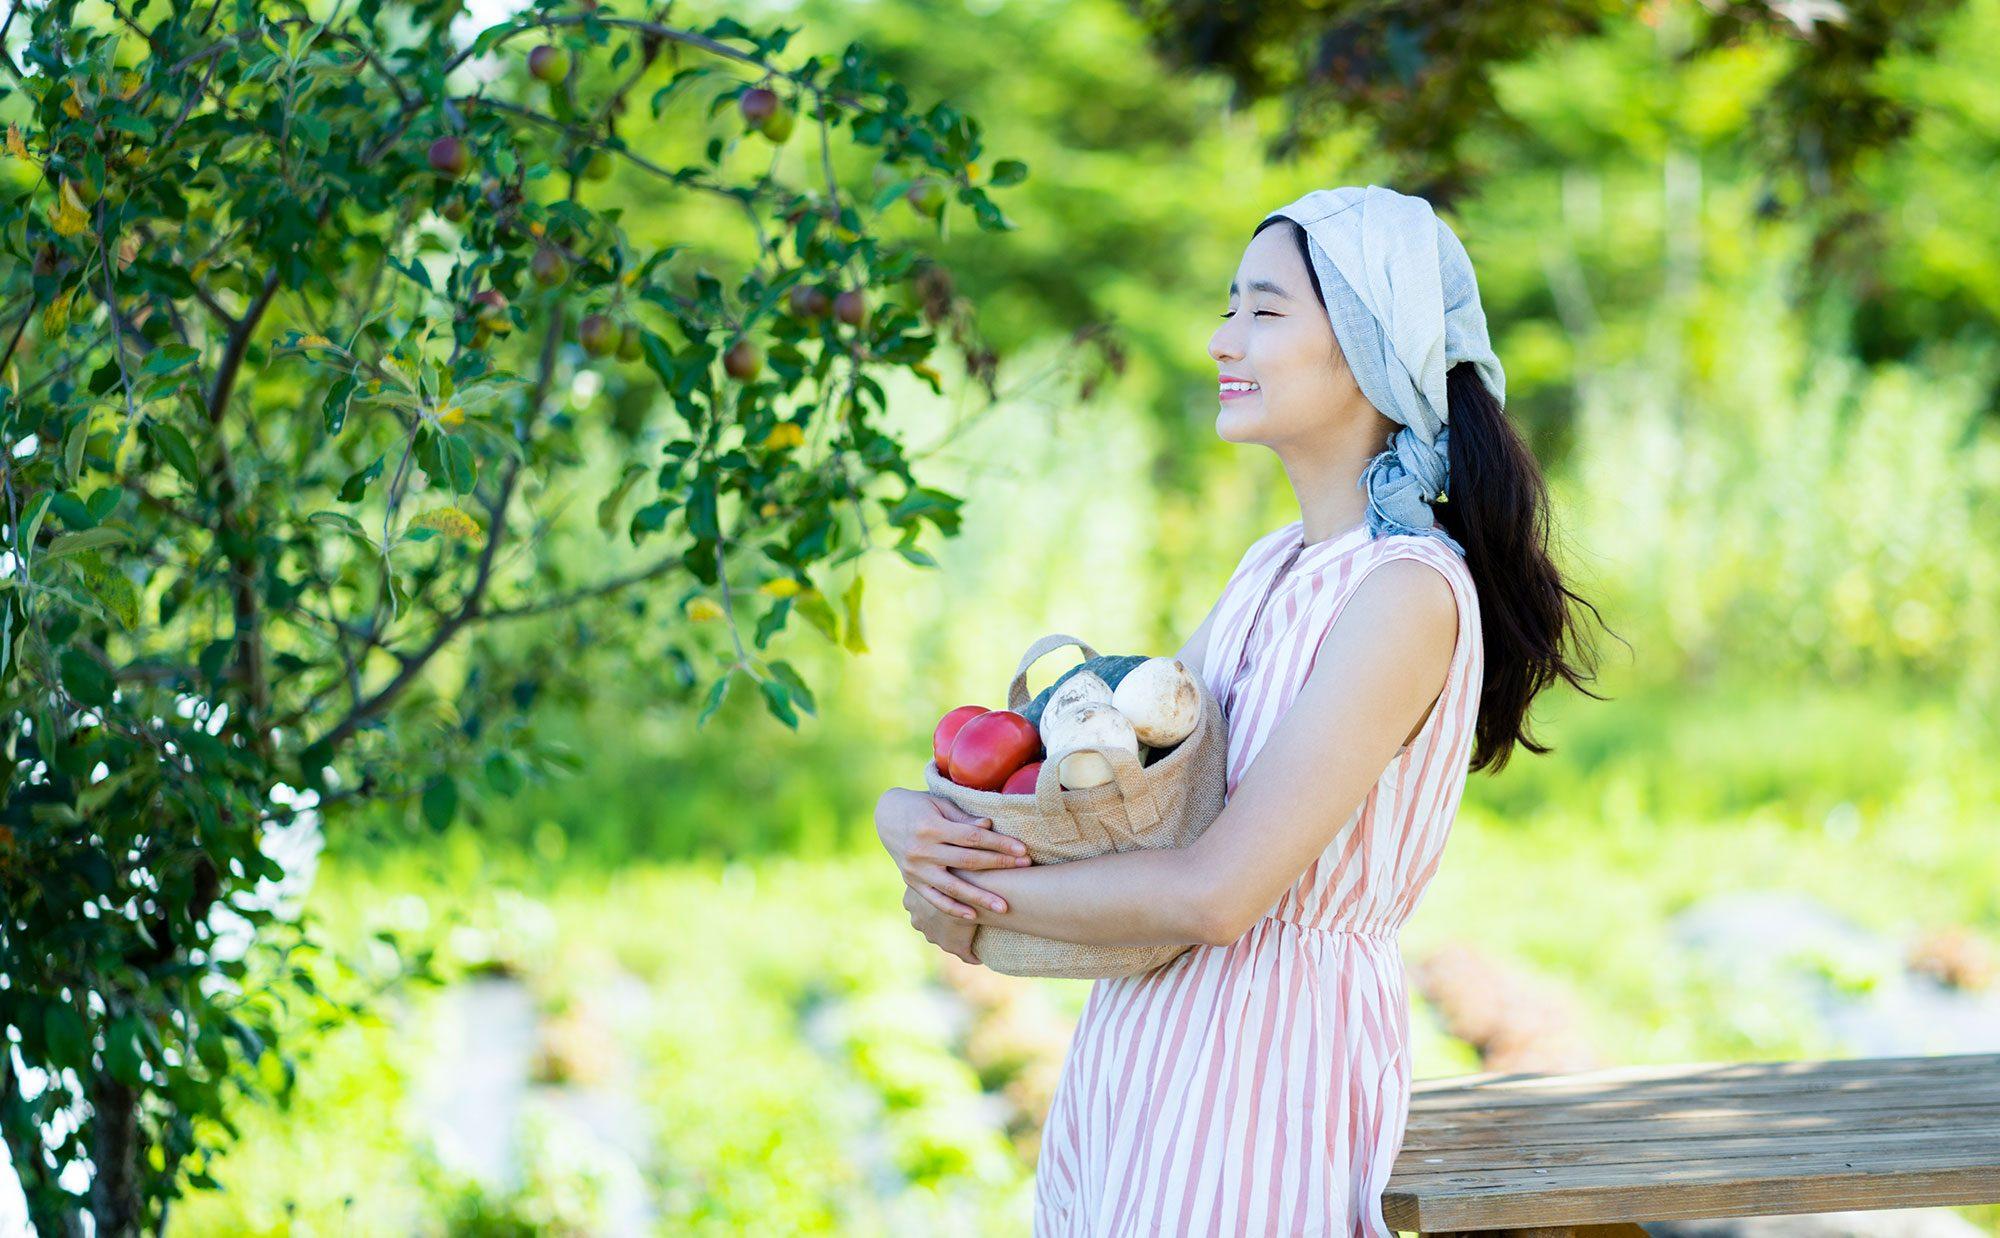 エコな田舎暮らしが好き。静岡移住でつかんだナチュラルライフ